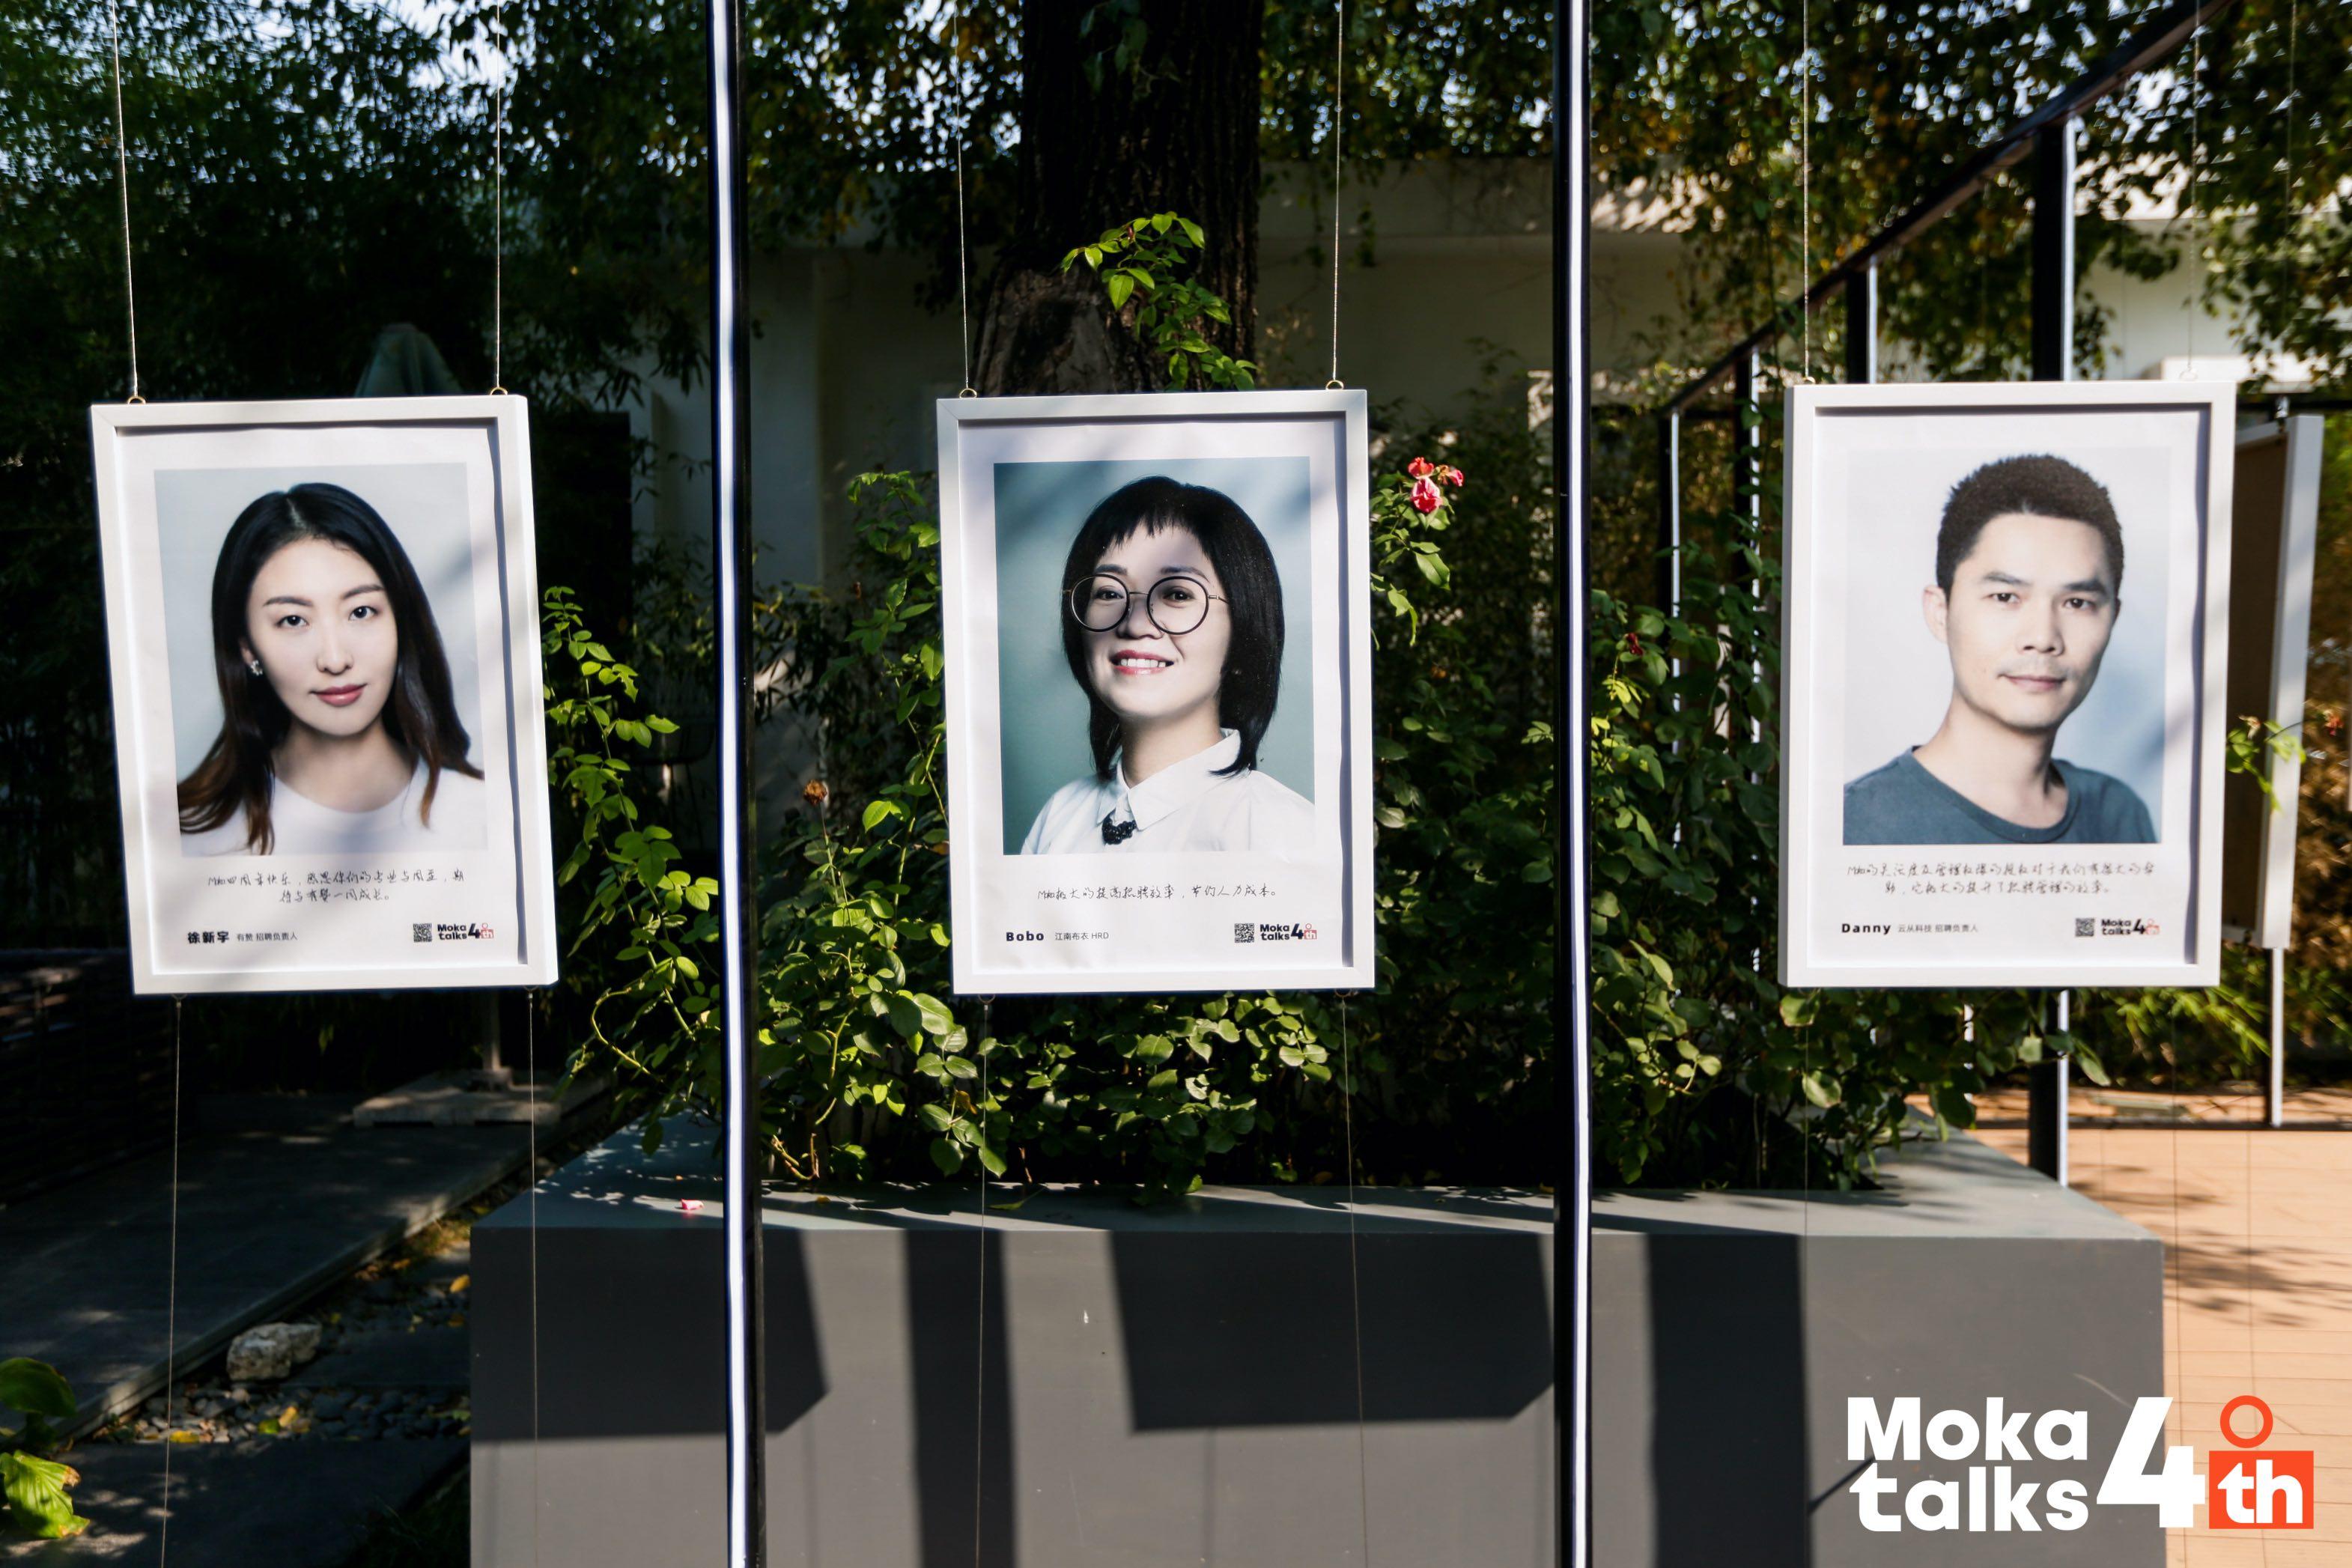 """Moka talks「HI」展:这是一场不需要应酬的""""活动""""-Moka智能化招聘系统"""